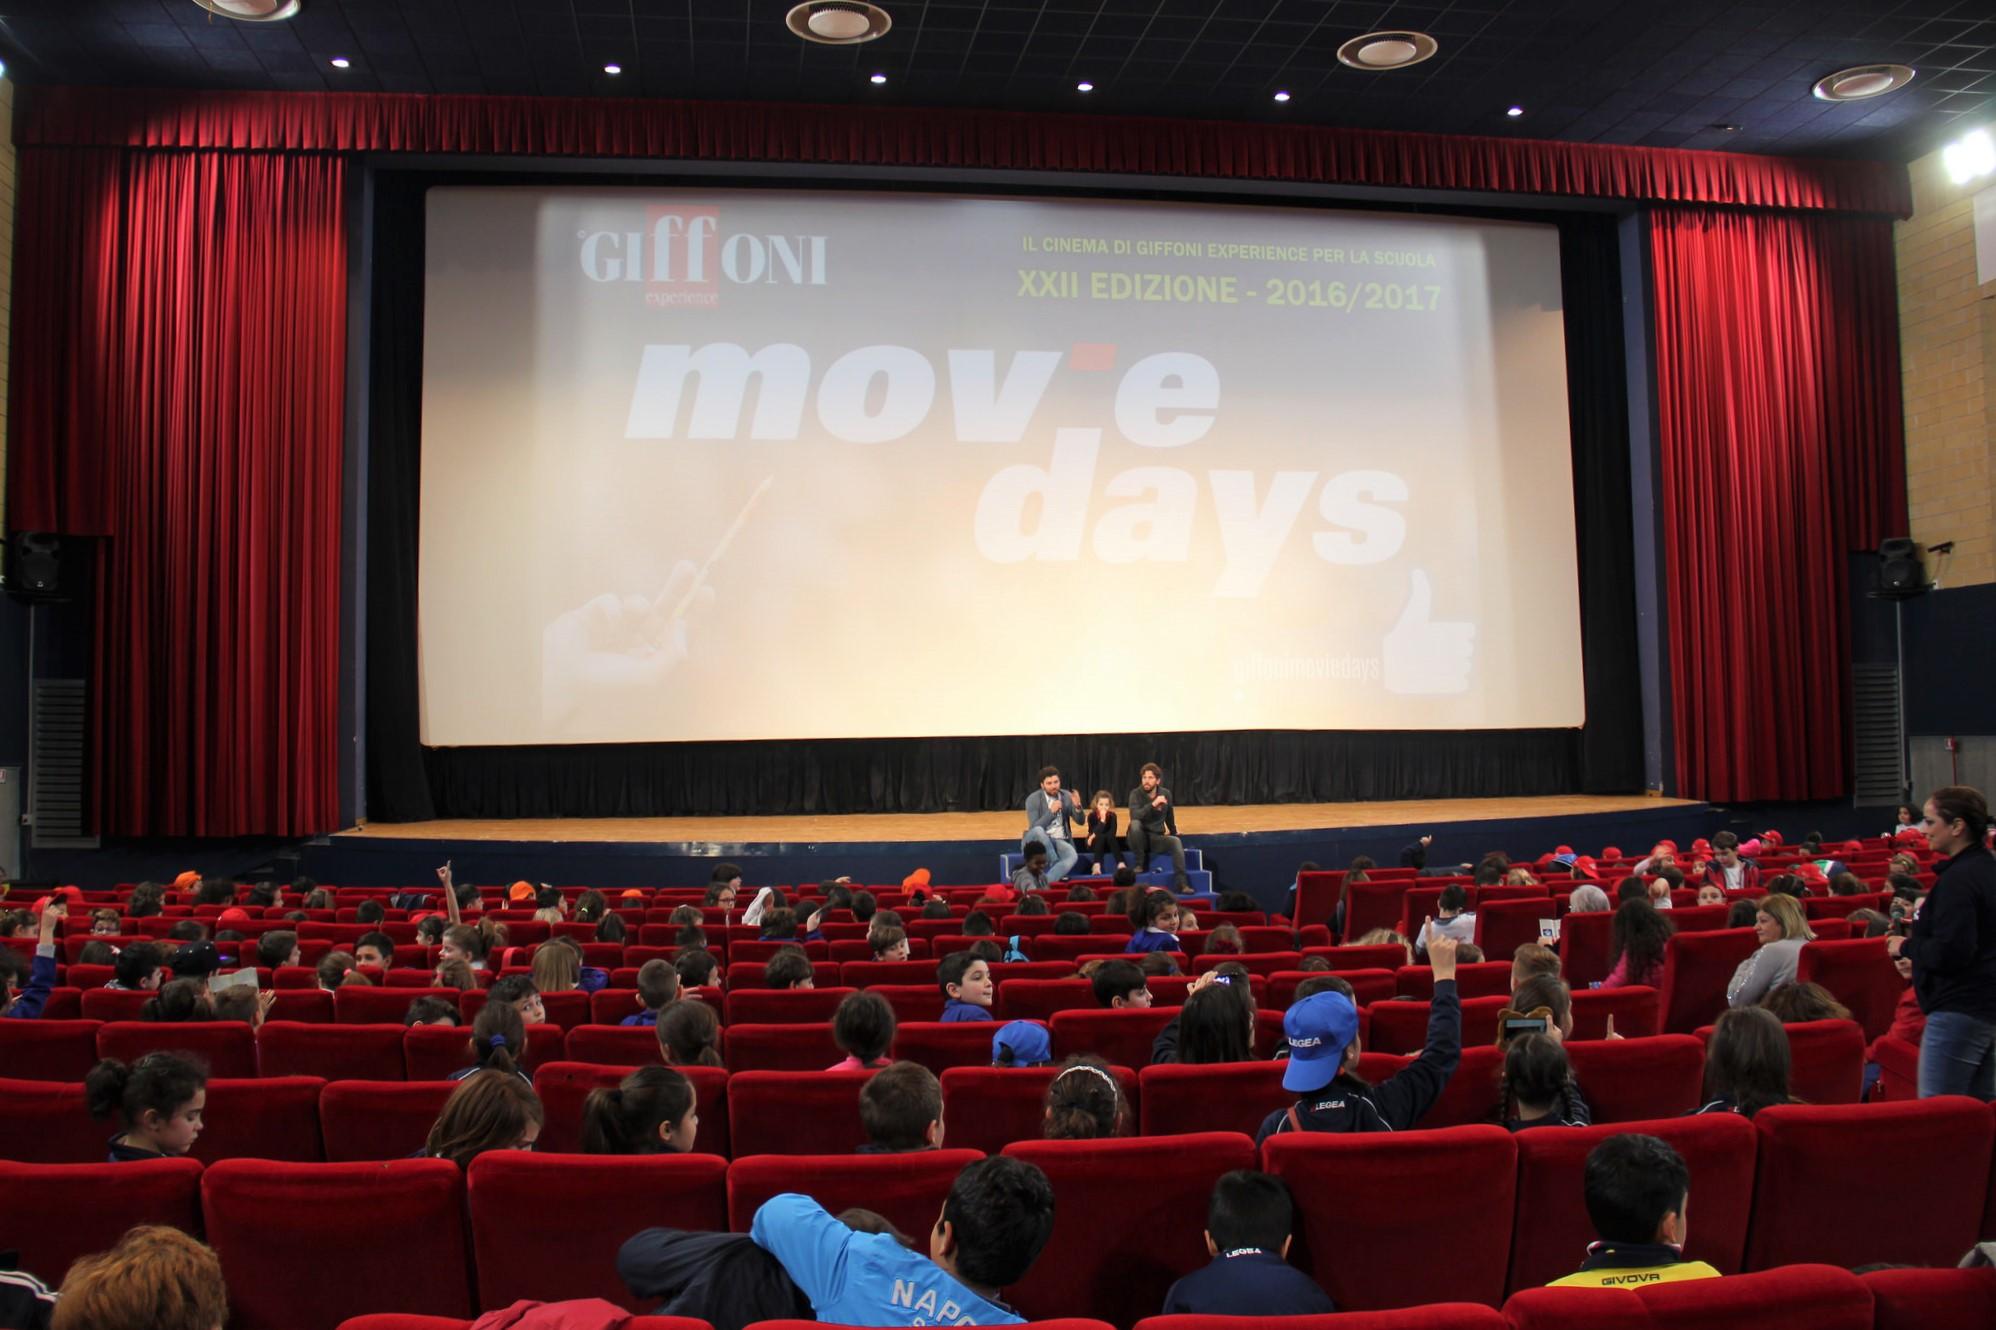 MovieDays2